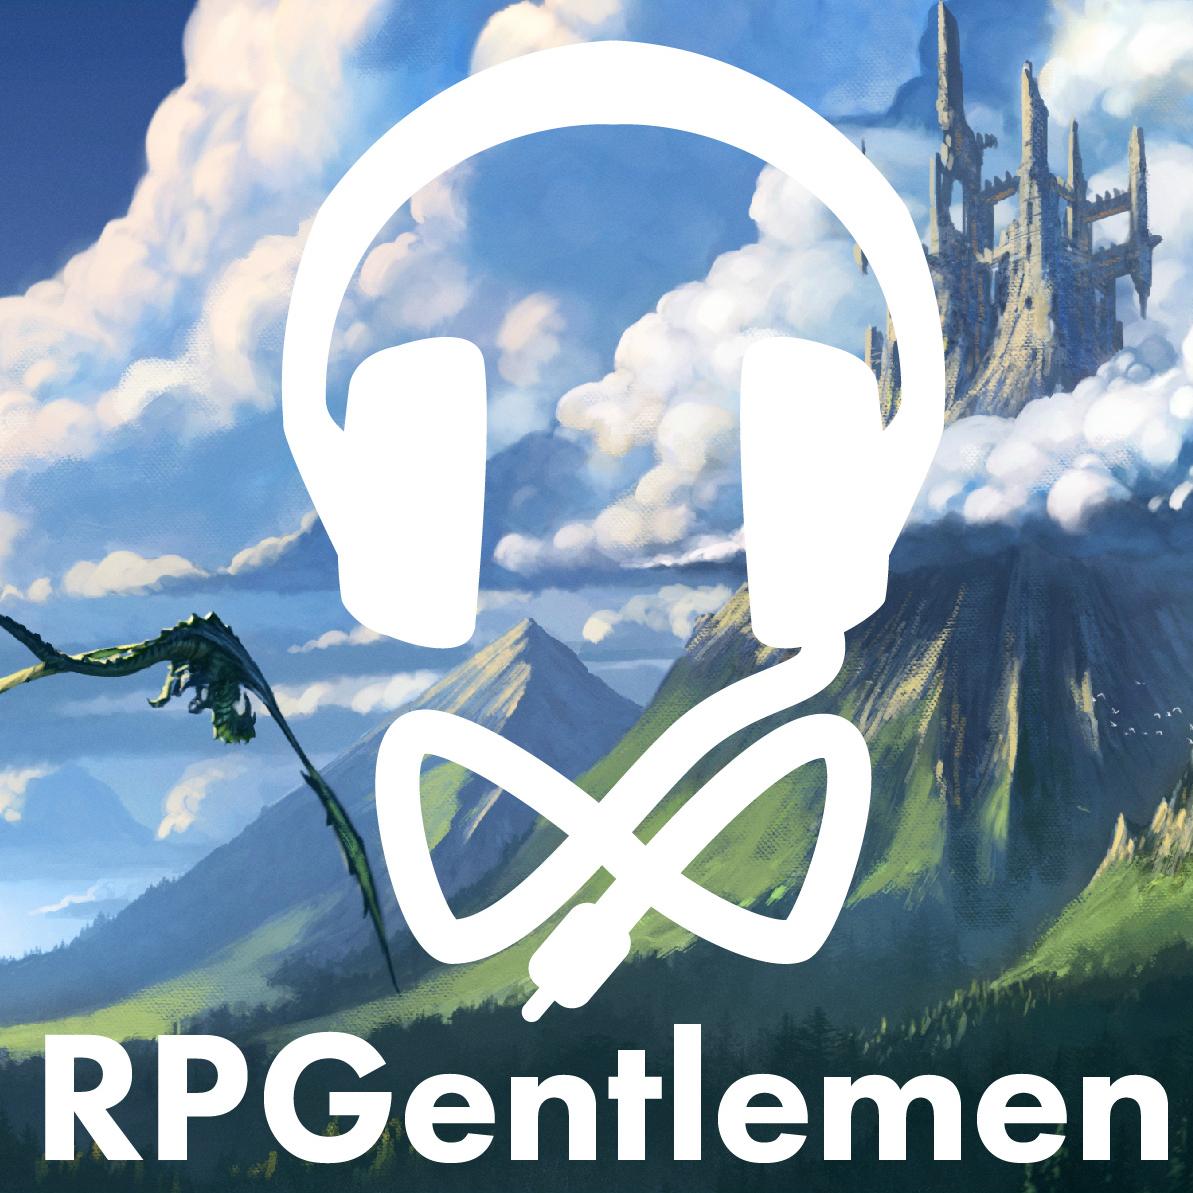 Image of RPGentlemen podcast